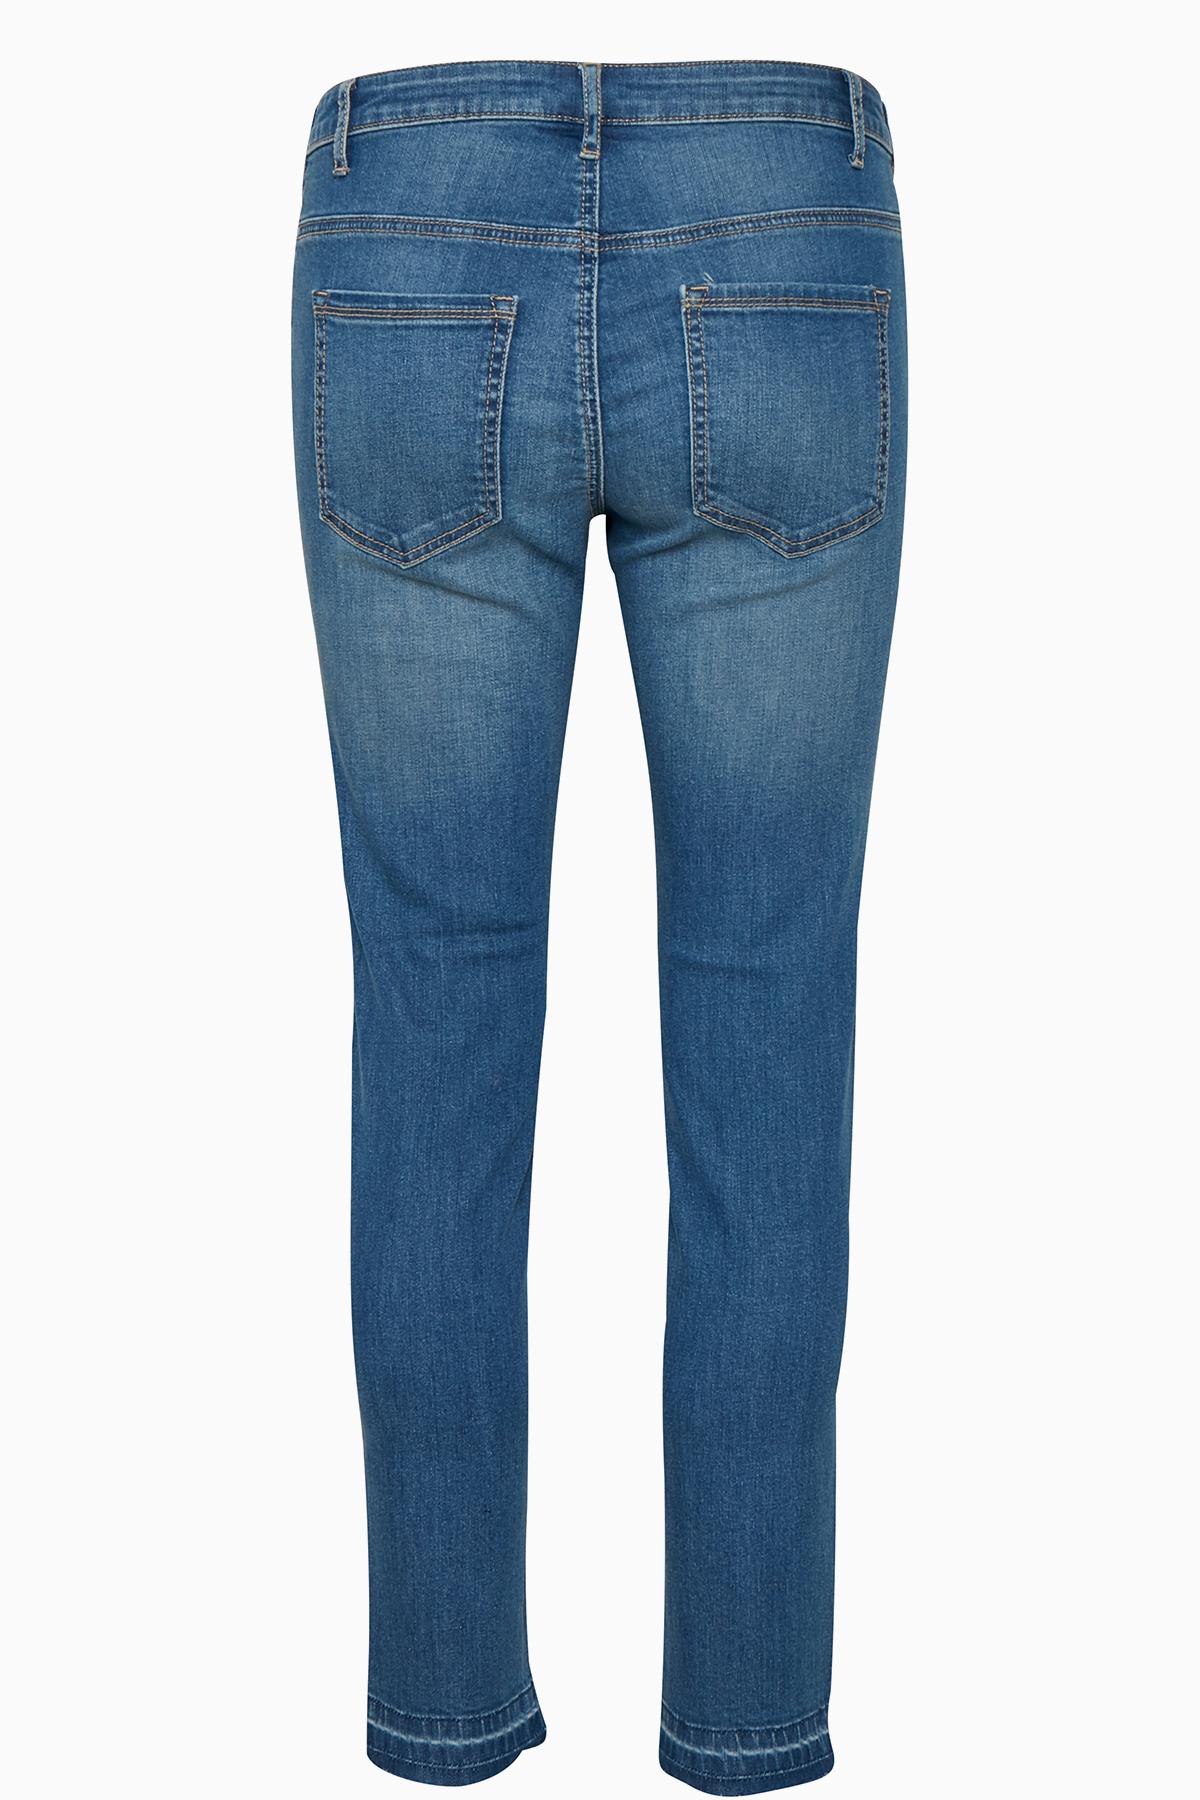 Denimblå Jeans fra Kaffe – Køb Denimblå Jeans fra str. 34-46 her